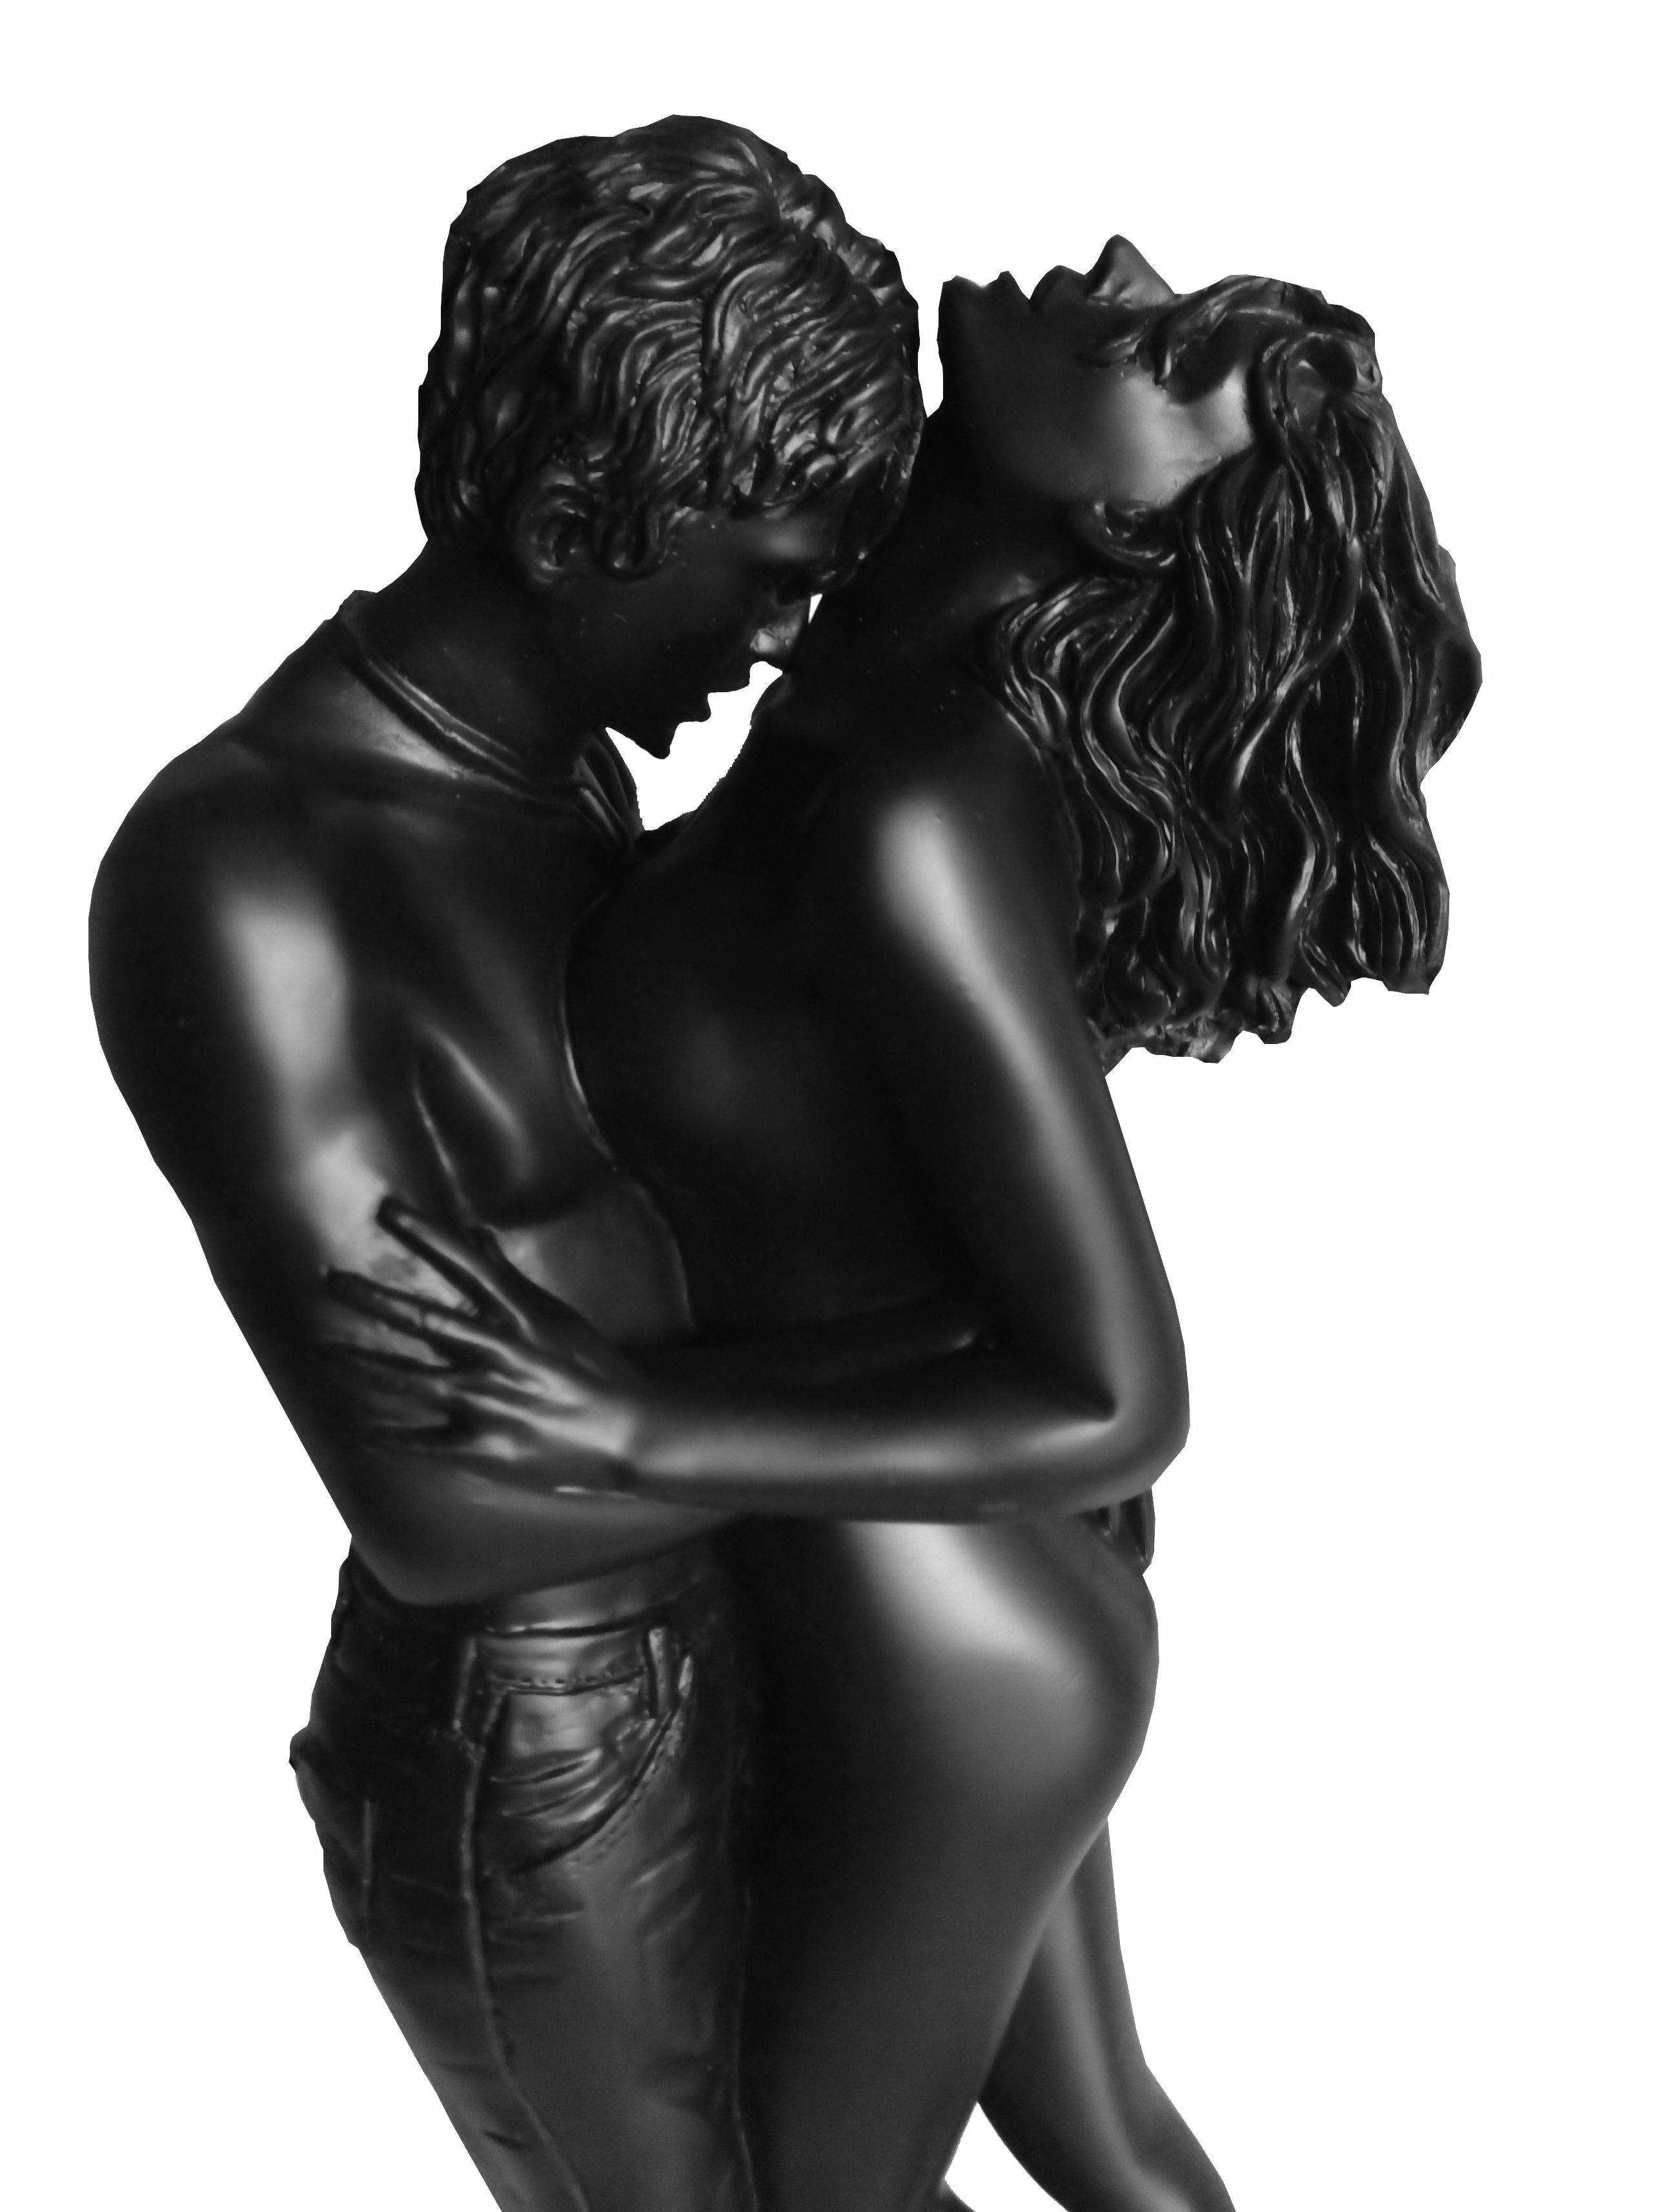 Hombre, Desnudo - Imgenes gratis en Pixabay